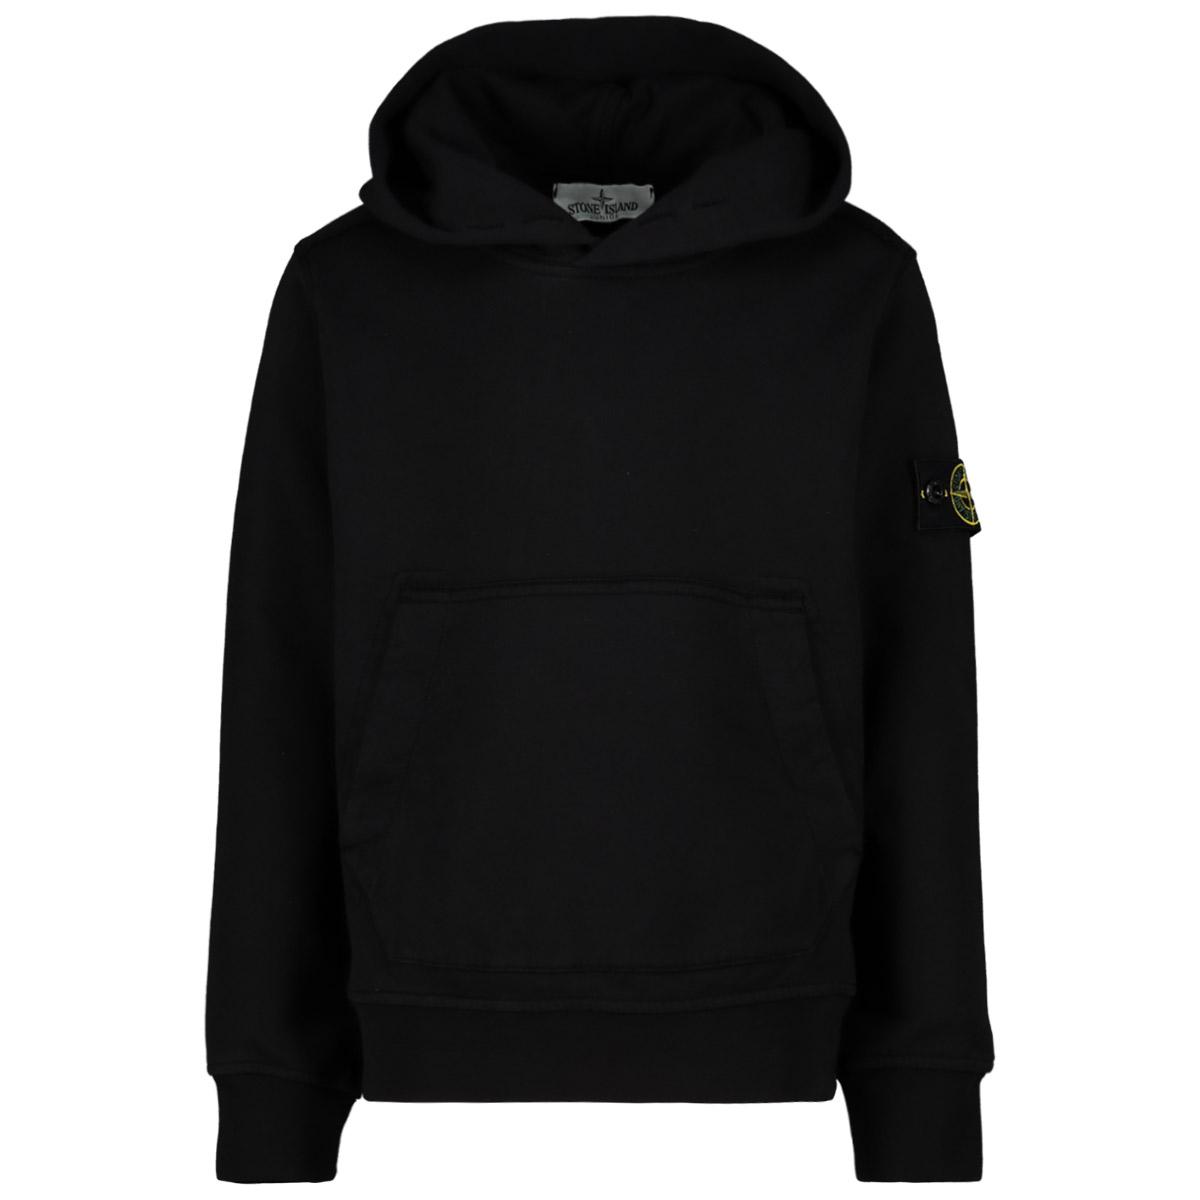 Uitgelezene Stone Island Sweater zwart - kleertjes.com CA-15